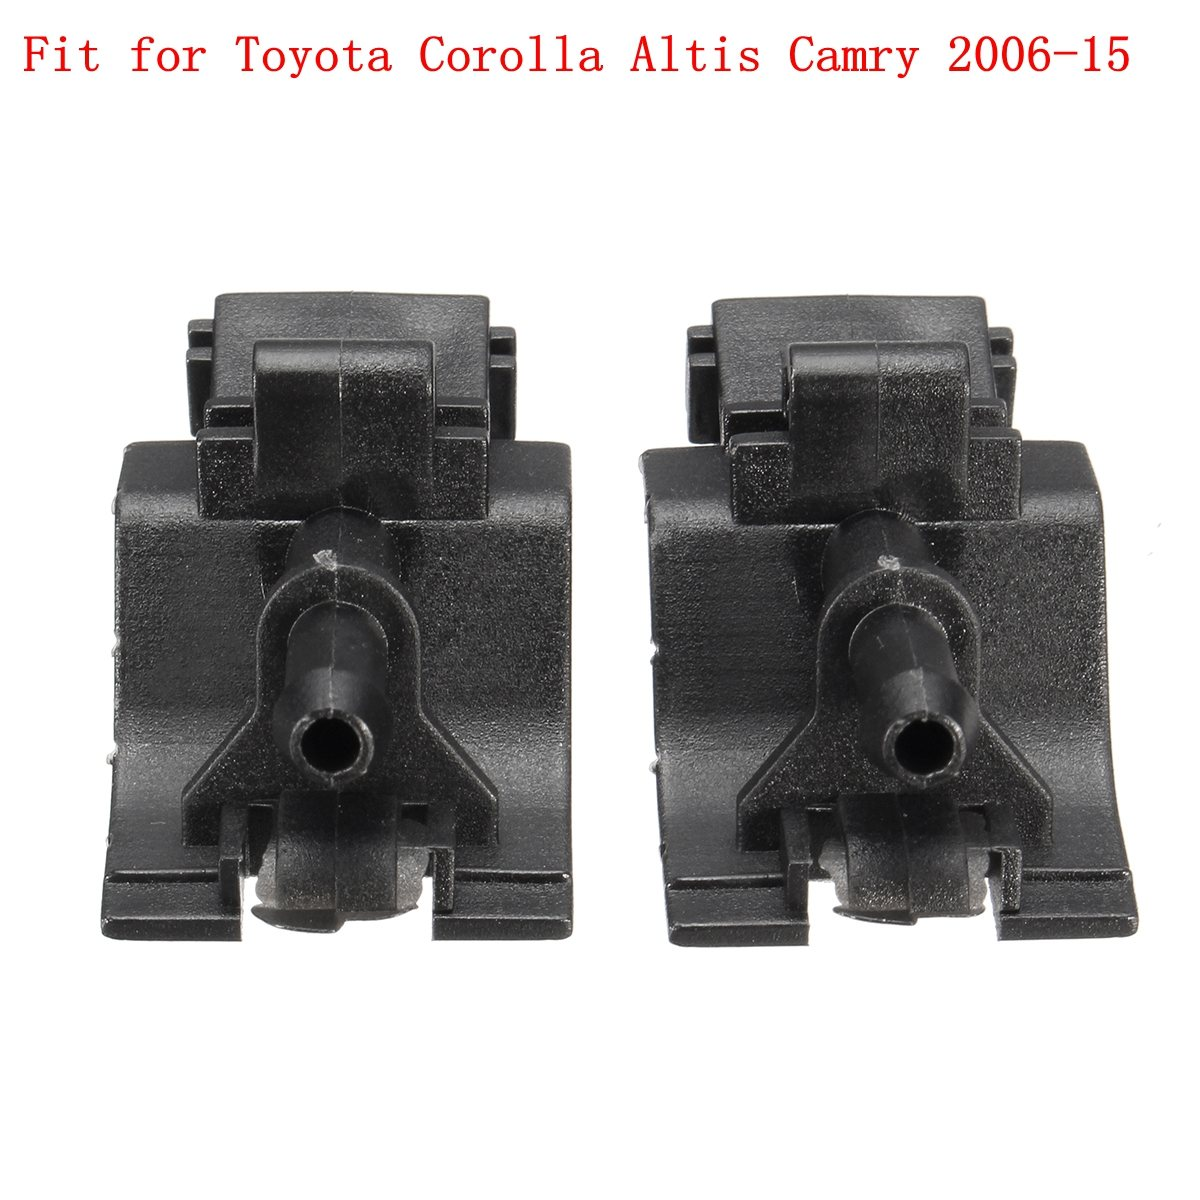 2 шт. пара стеклоомывателя насадка струями спрей подходит для Toyota Corolla Altis Camry 2006-15